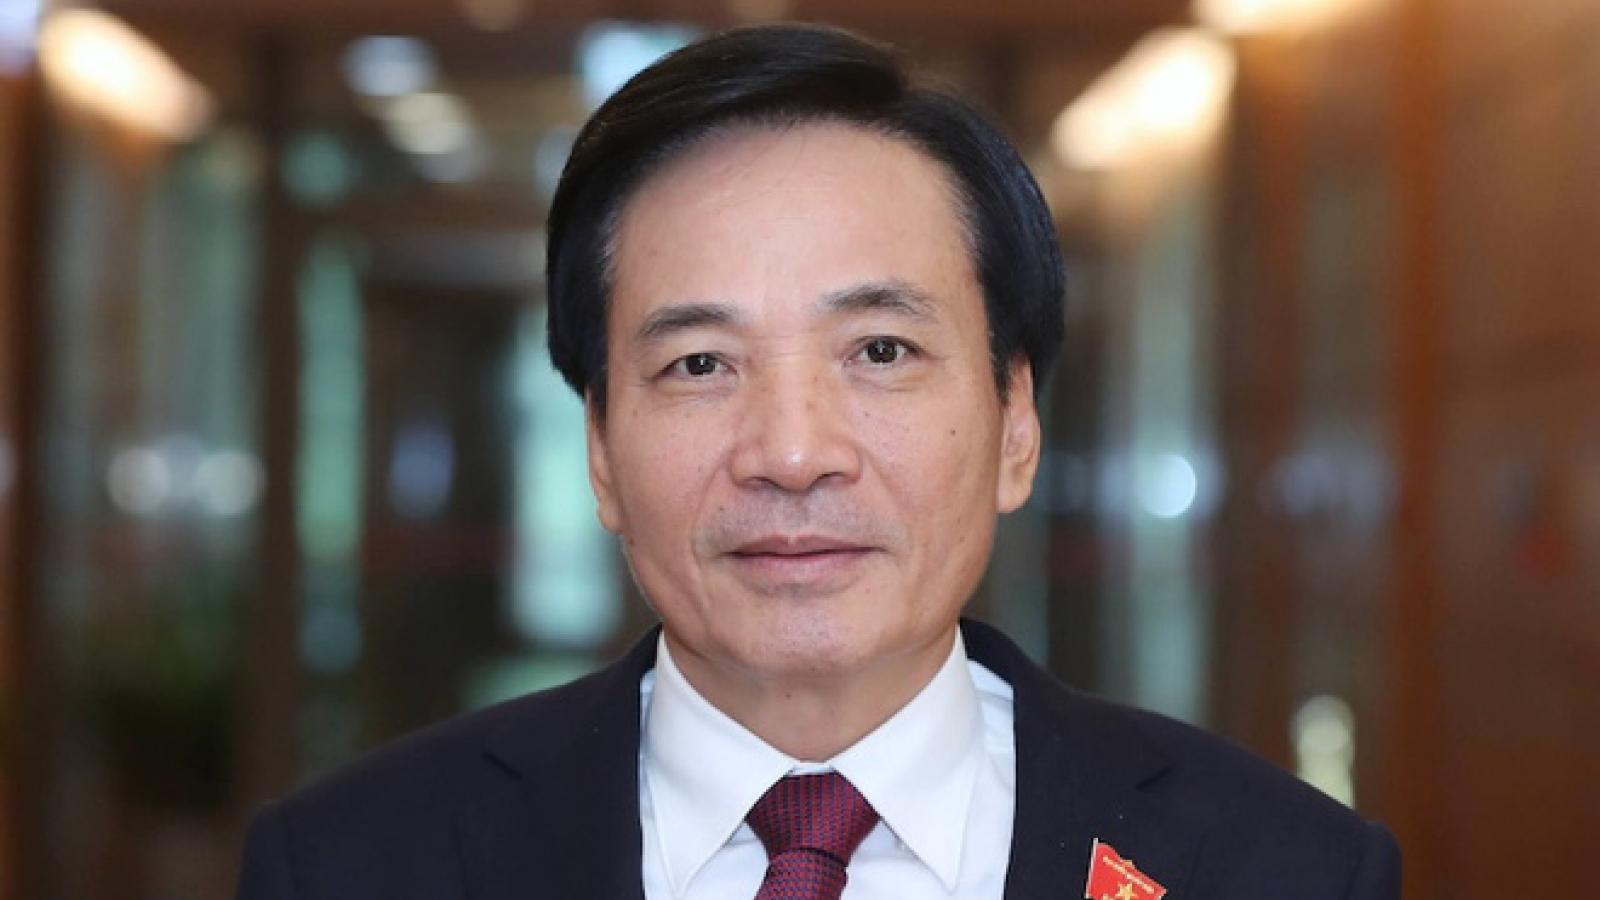 Quá trình công tác của Bộ trưởng, Chủ nhiệm Văn phòng Chính phủ Trần Văn Sơn